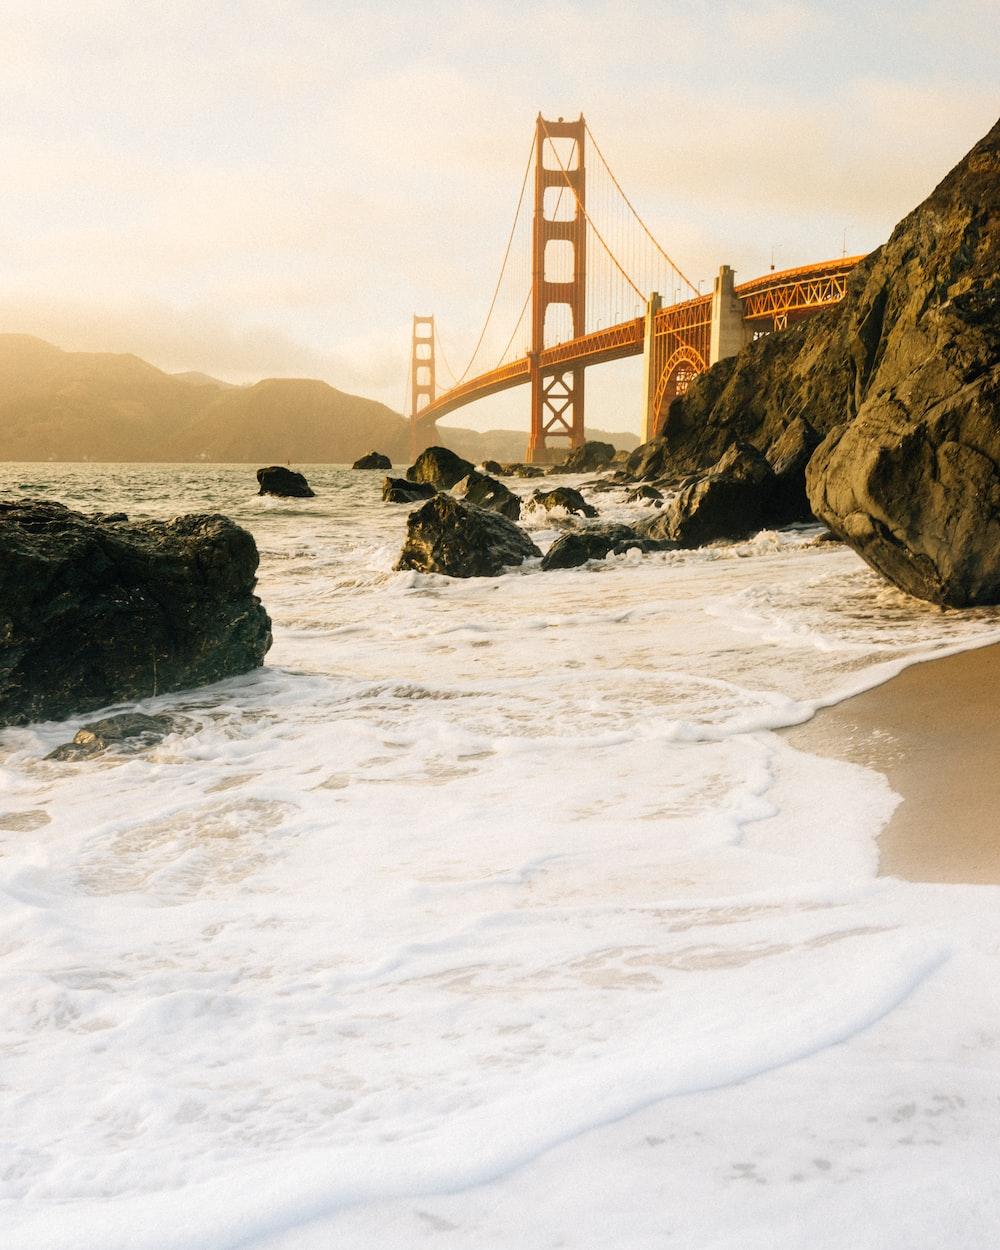 seashore near Golden Gate Bridge